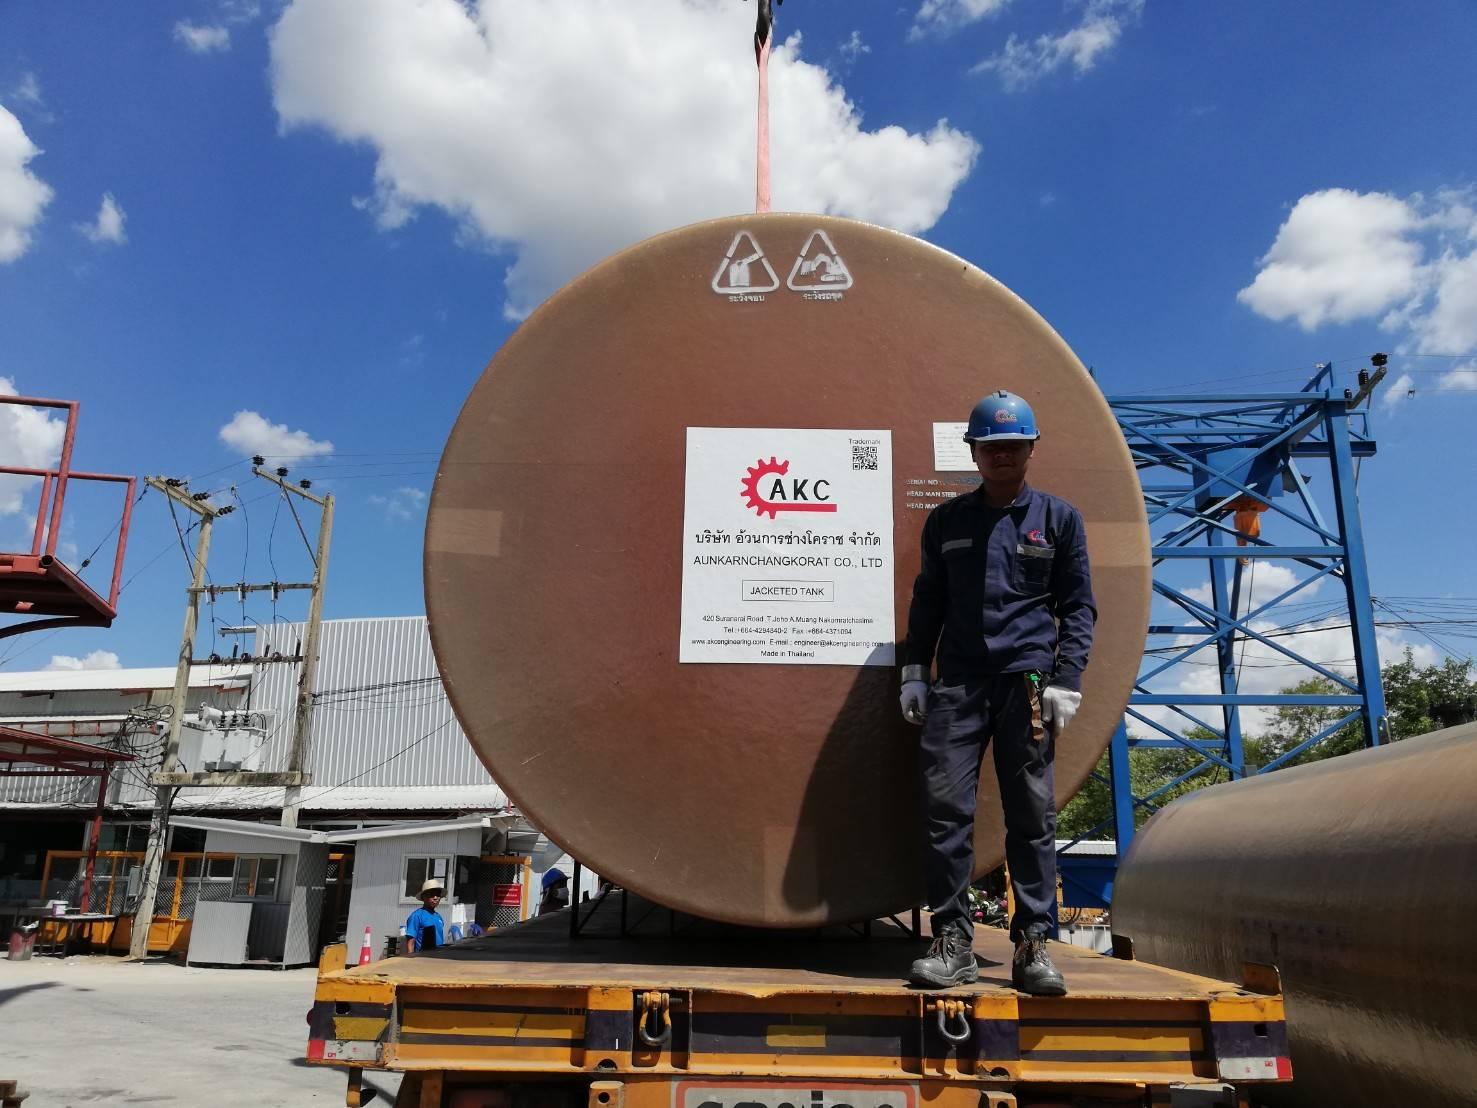 AKC ส่งถังน้ำมันฝังดิน 2 ชั้น ขนาด 30,000 ลิตร 4 ลูก ไซต์งานสถานีบริการโสมสินธุ์ธร แบรนด์ PTTOR อ.สหัสขันธ์ จ.กาฬสินธุ์